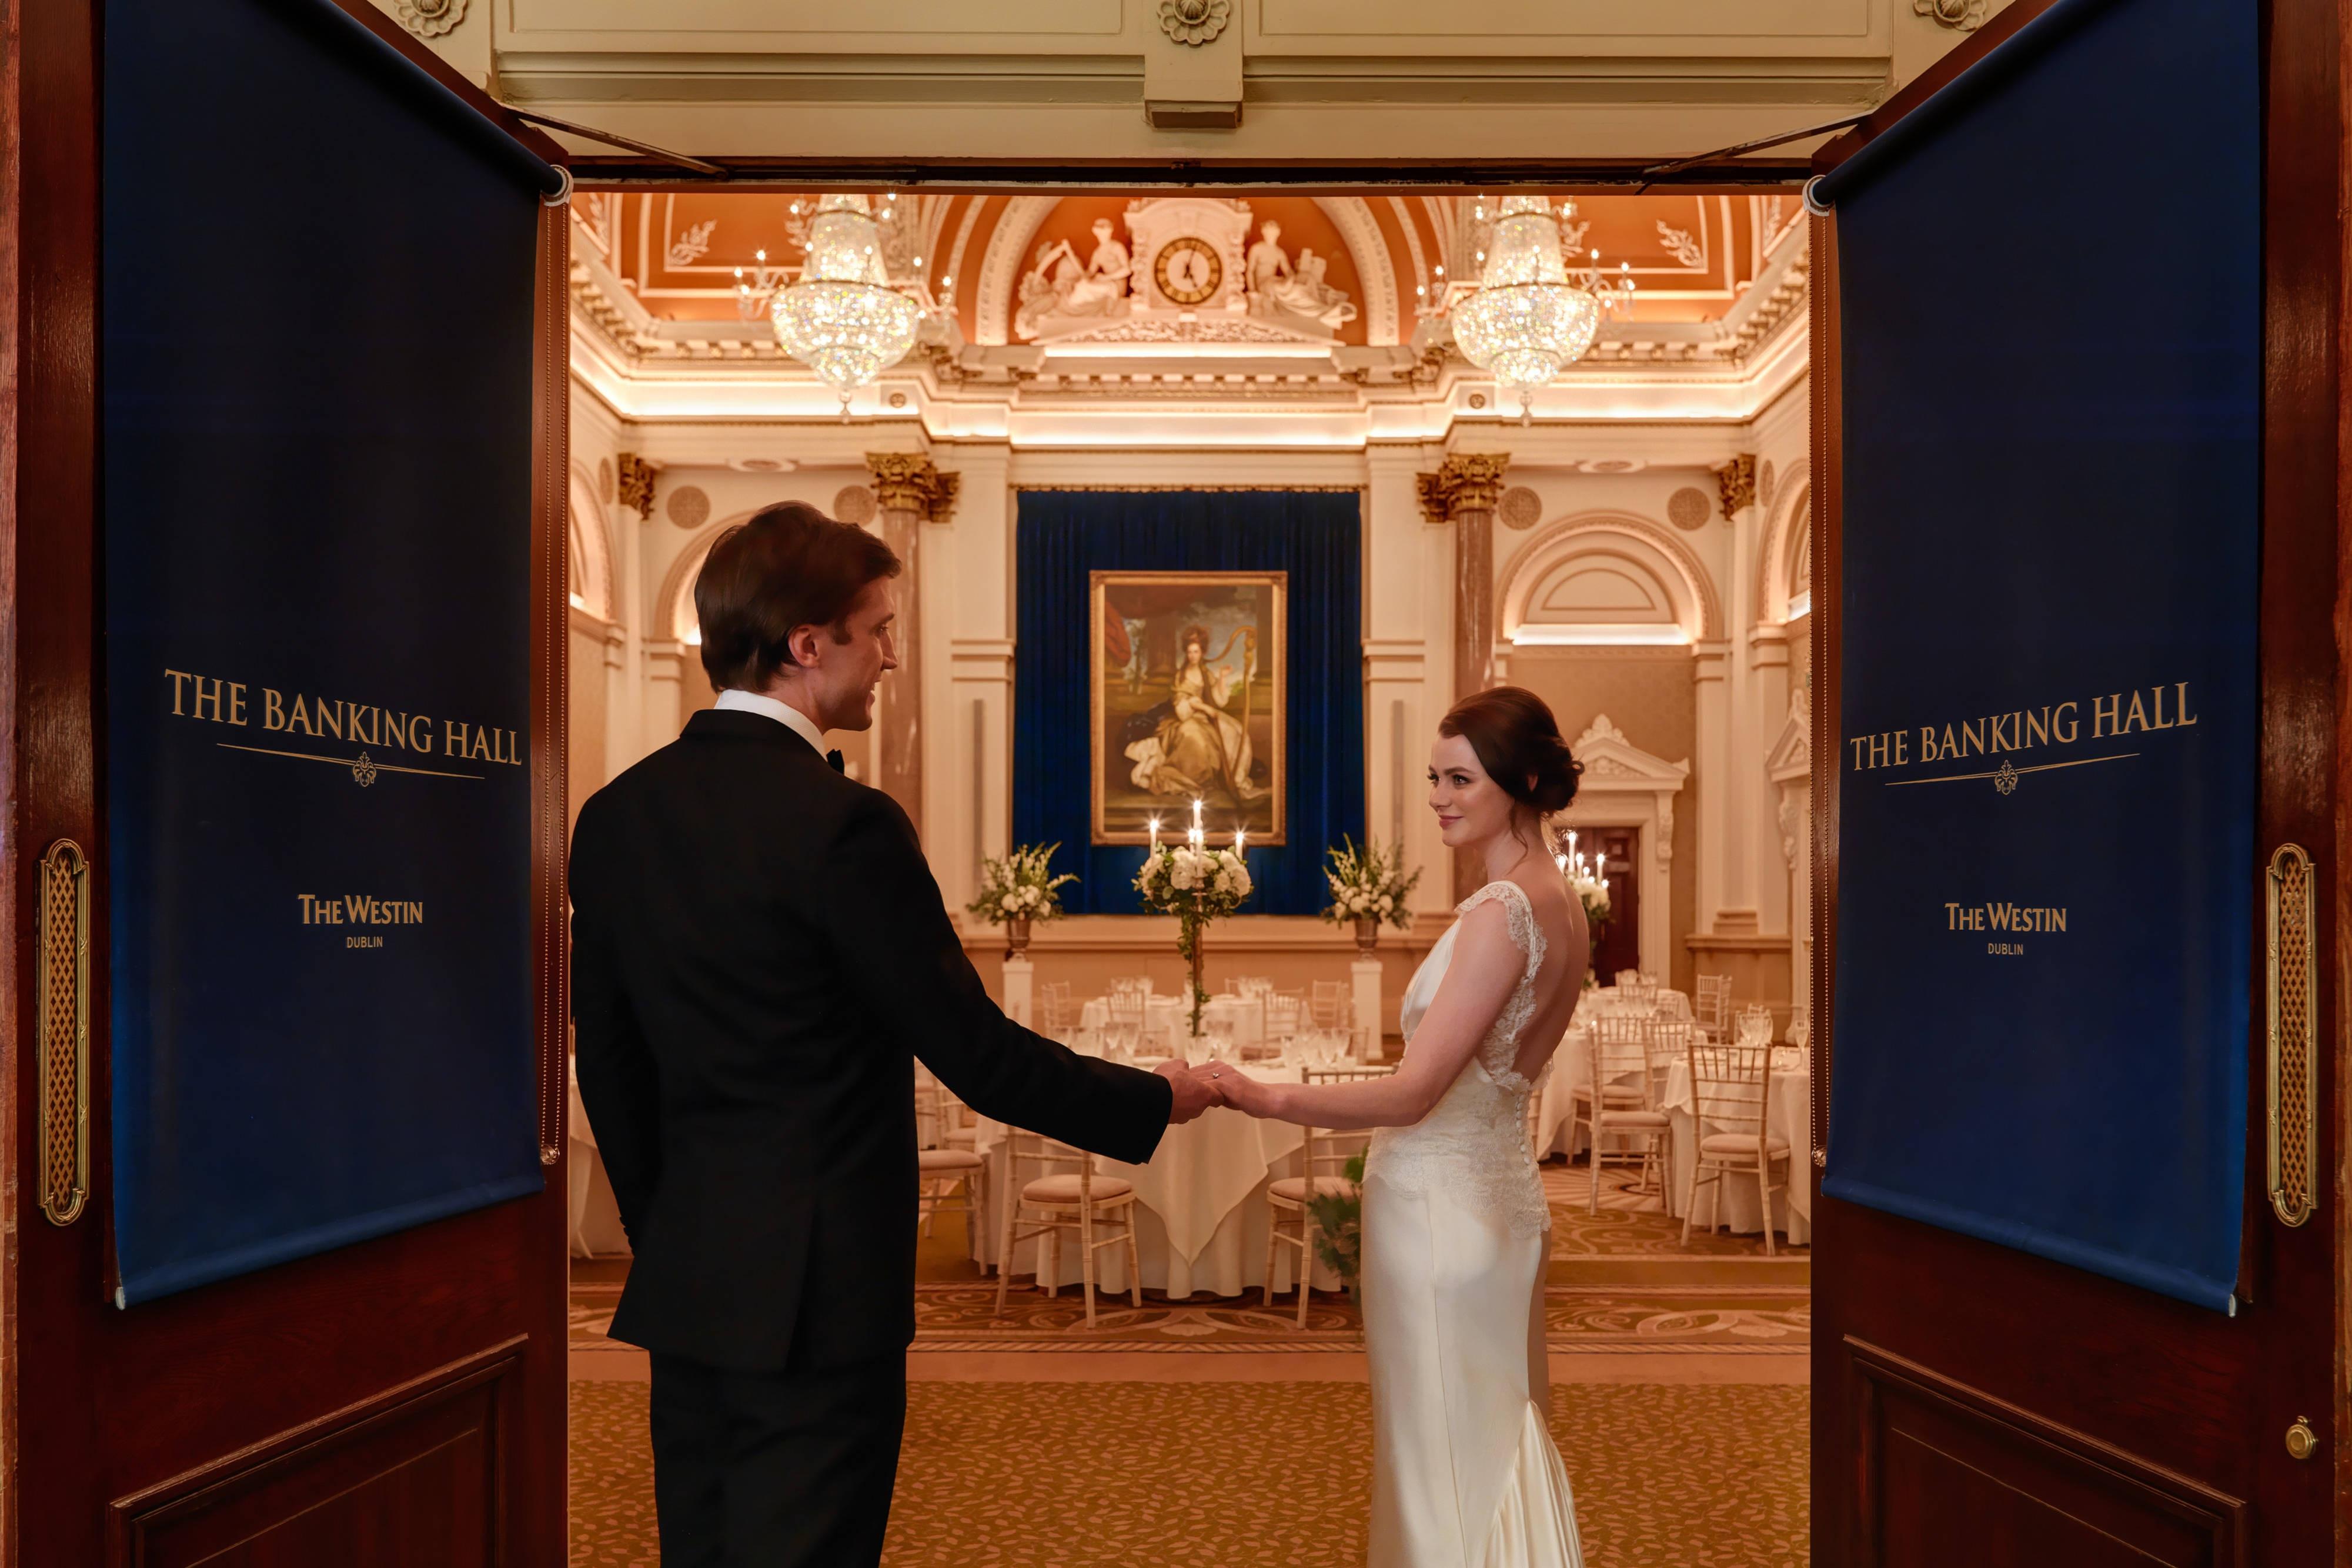 Couple franchissant les portes principales de la salle Banking Hall